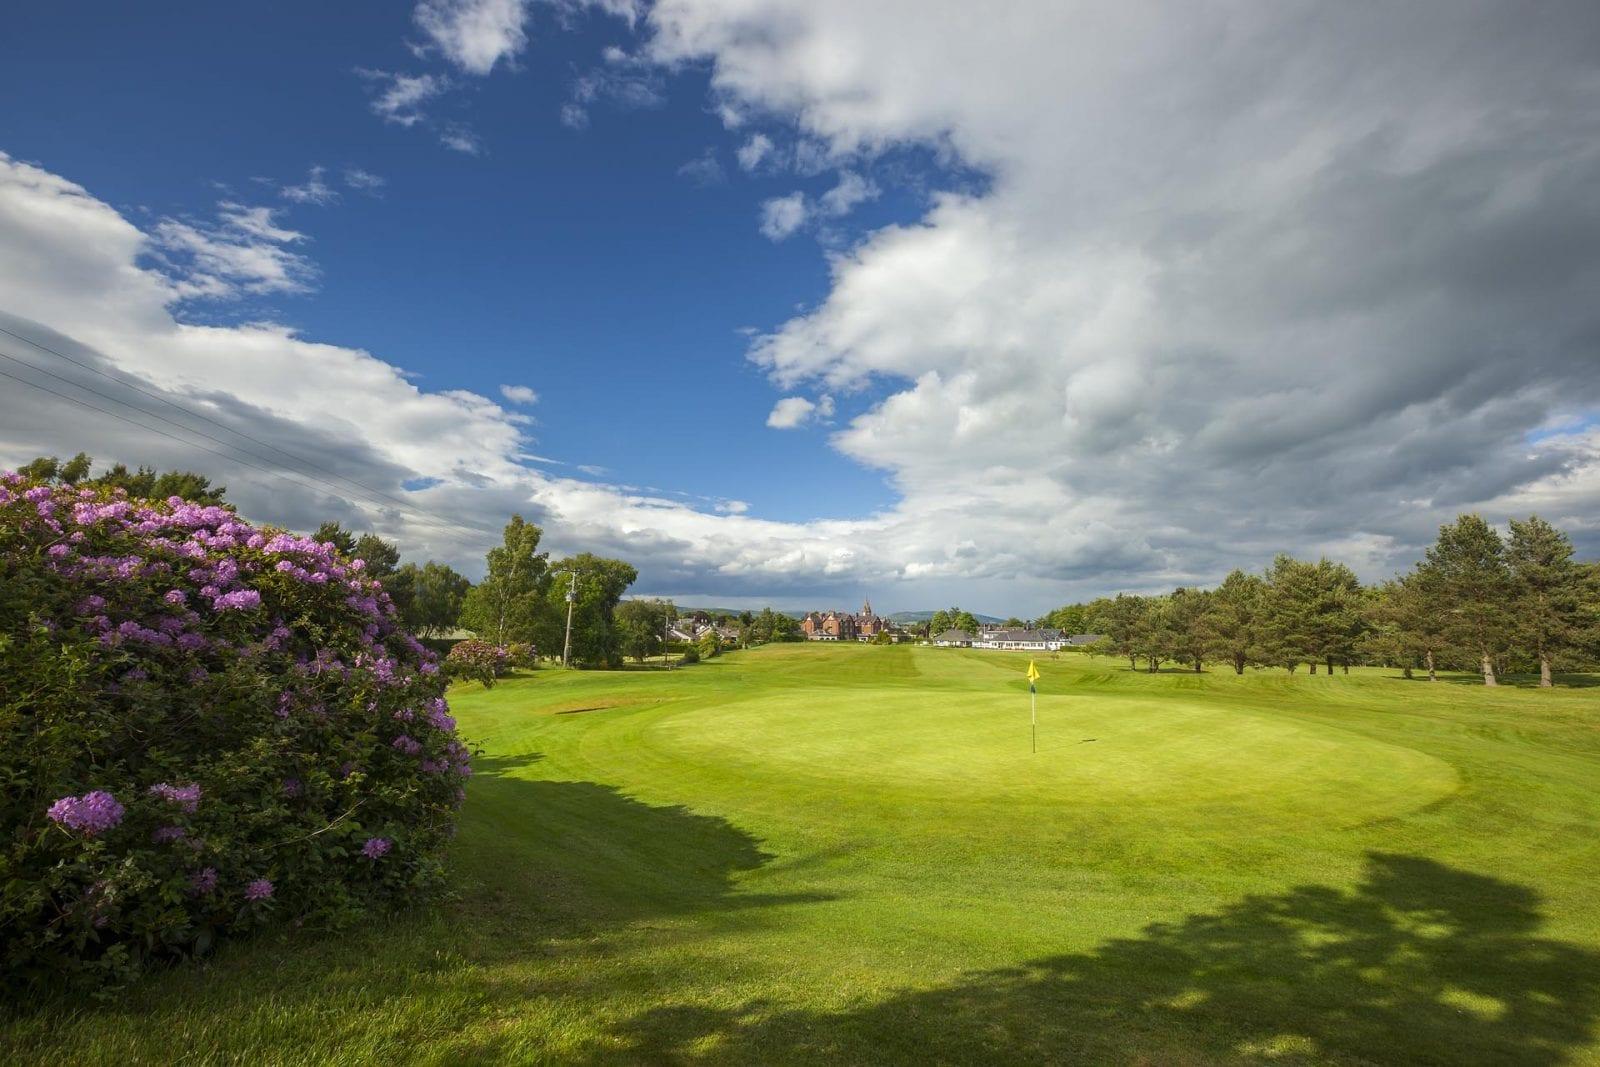 Edzell Golf Club bushes